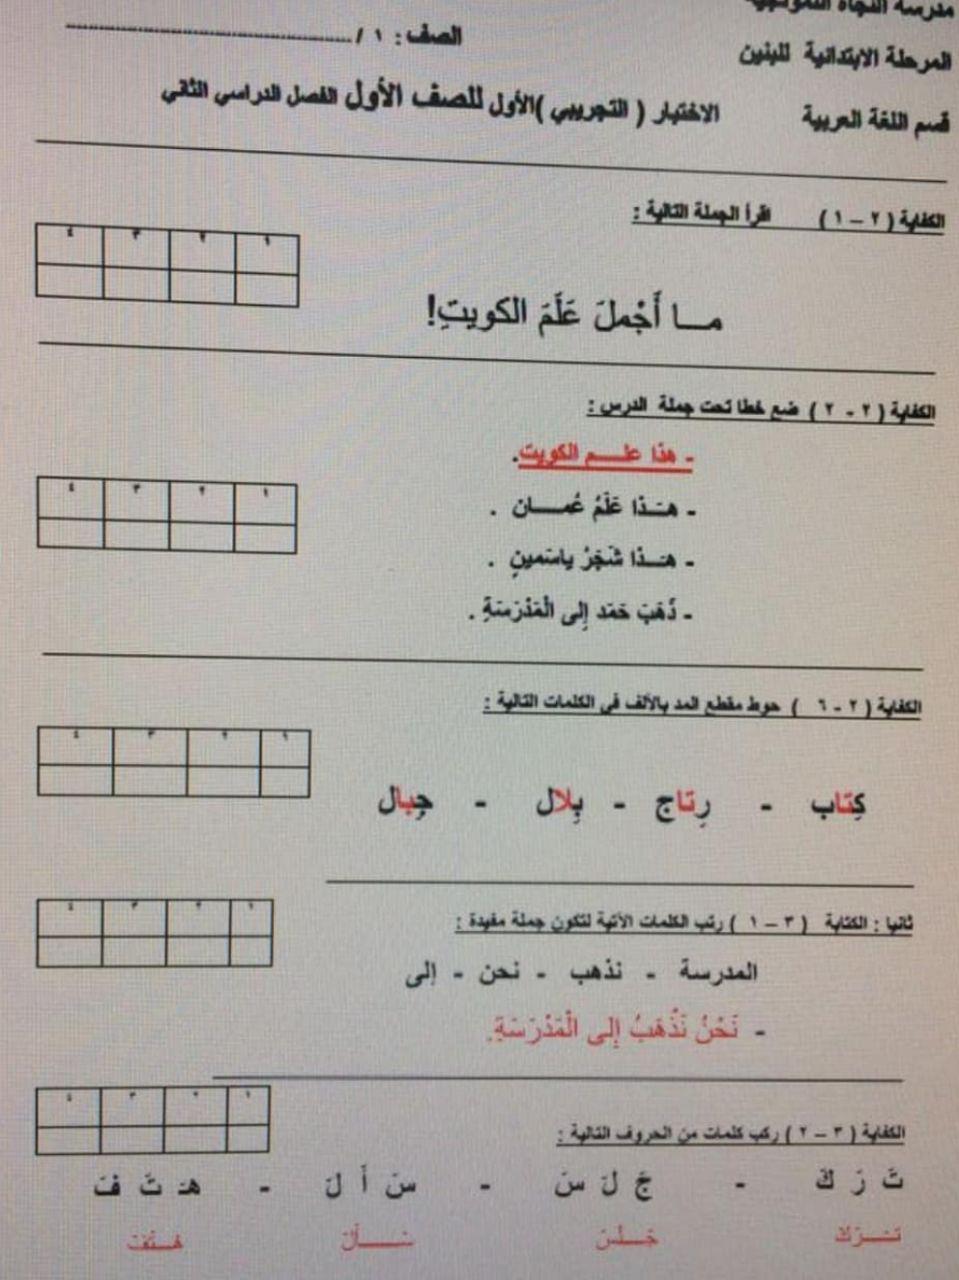 اختبار قصير عربي للصف الاول الفصل الثاني مدرسة النجاة النموذجية 2017-2018